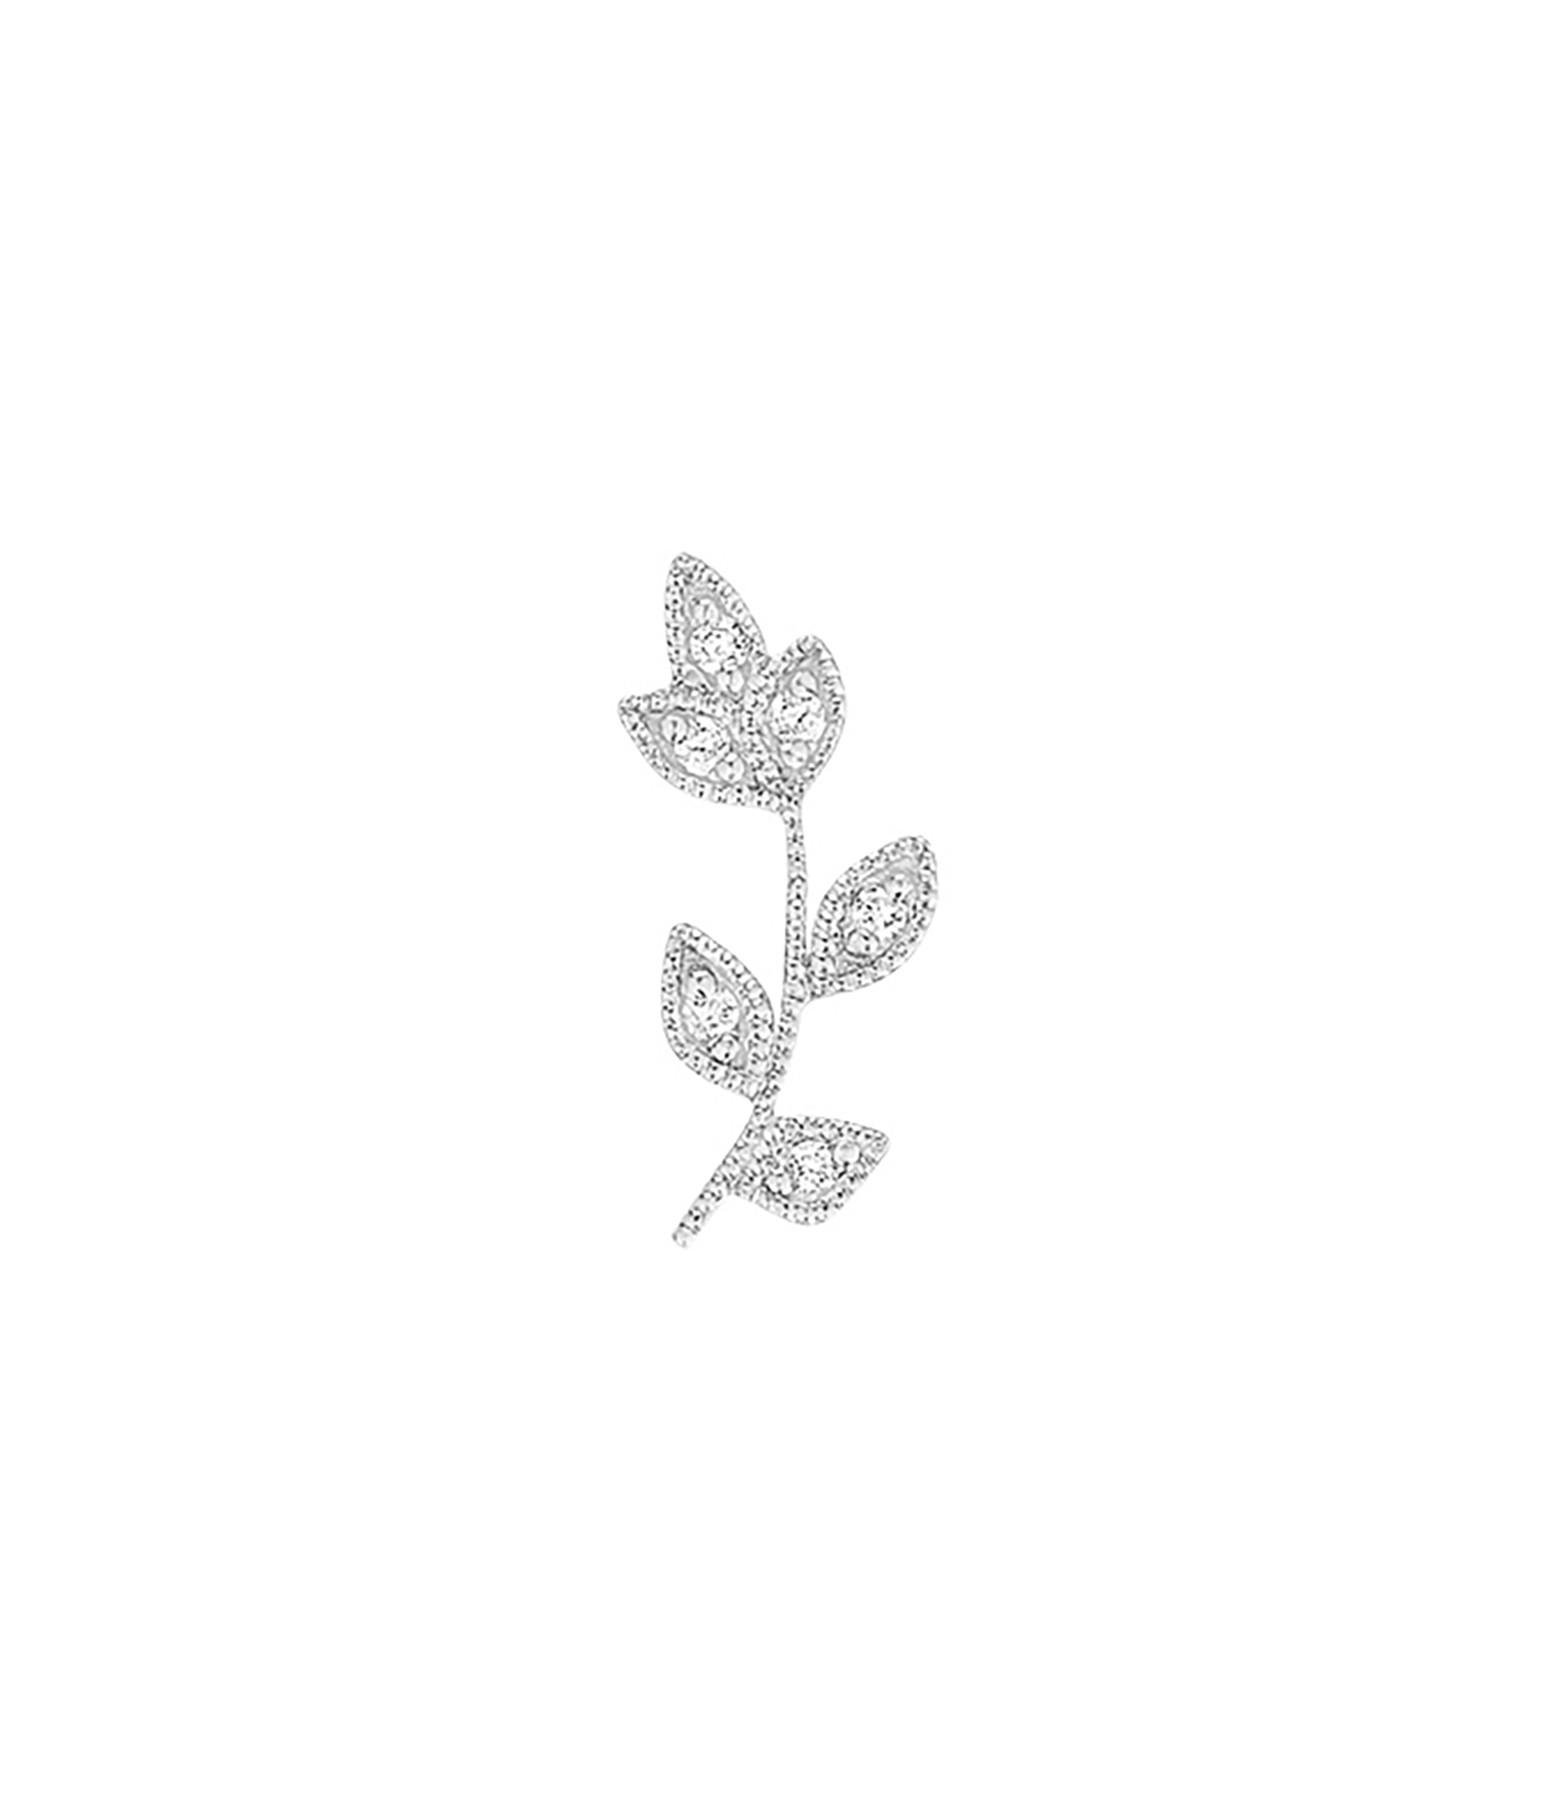 STONE PARIS - Boucle d'oreille Bloom Or Diamants (vendue à l'unité)